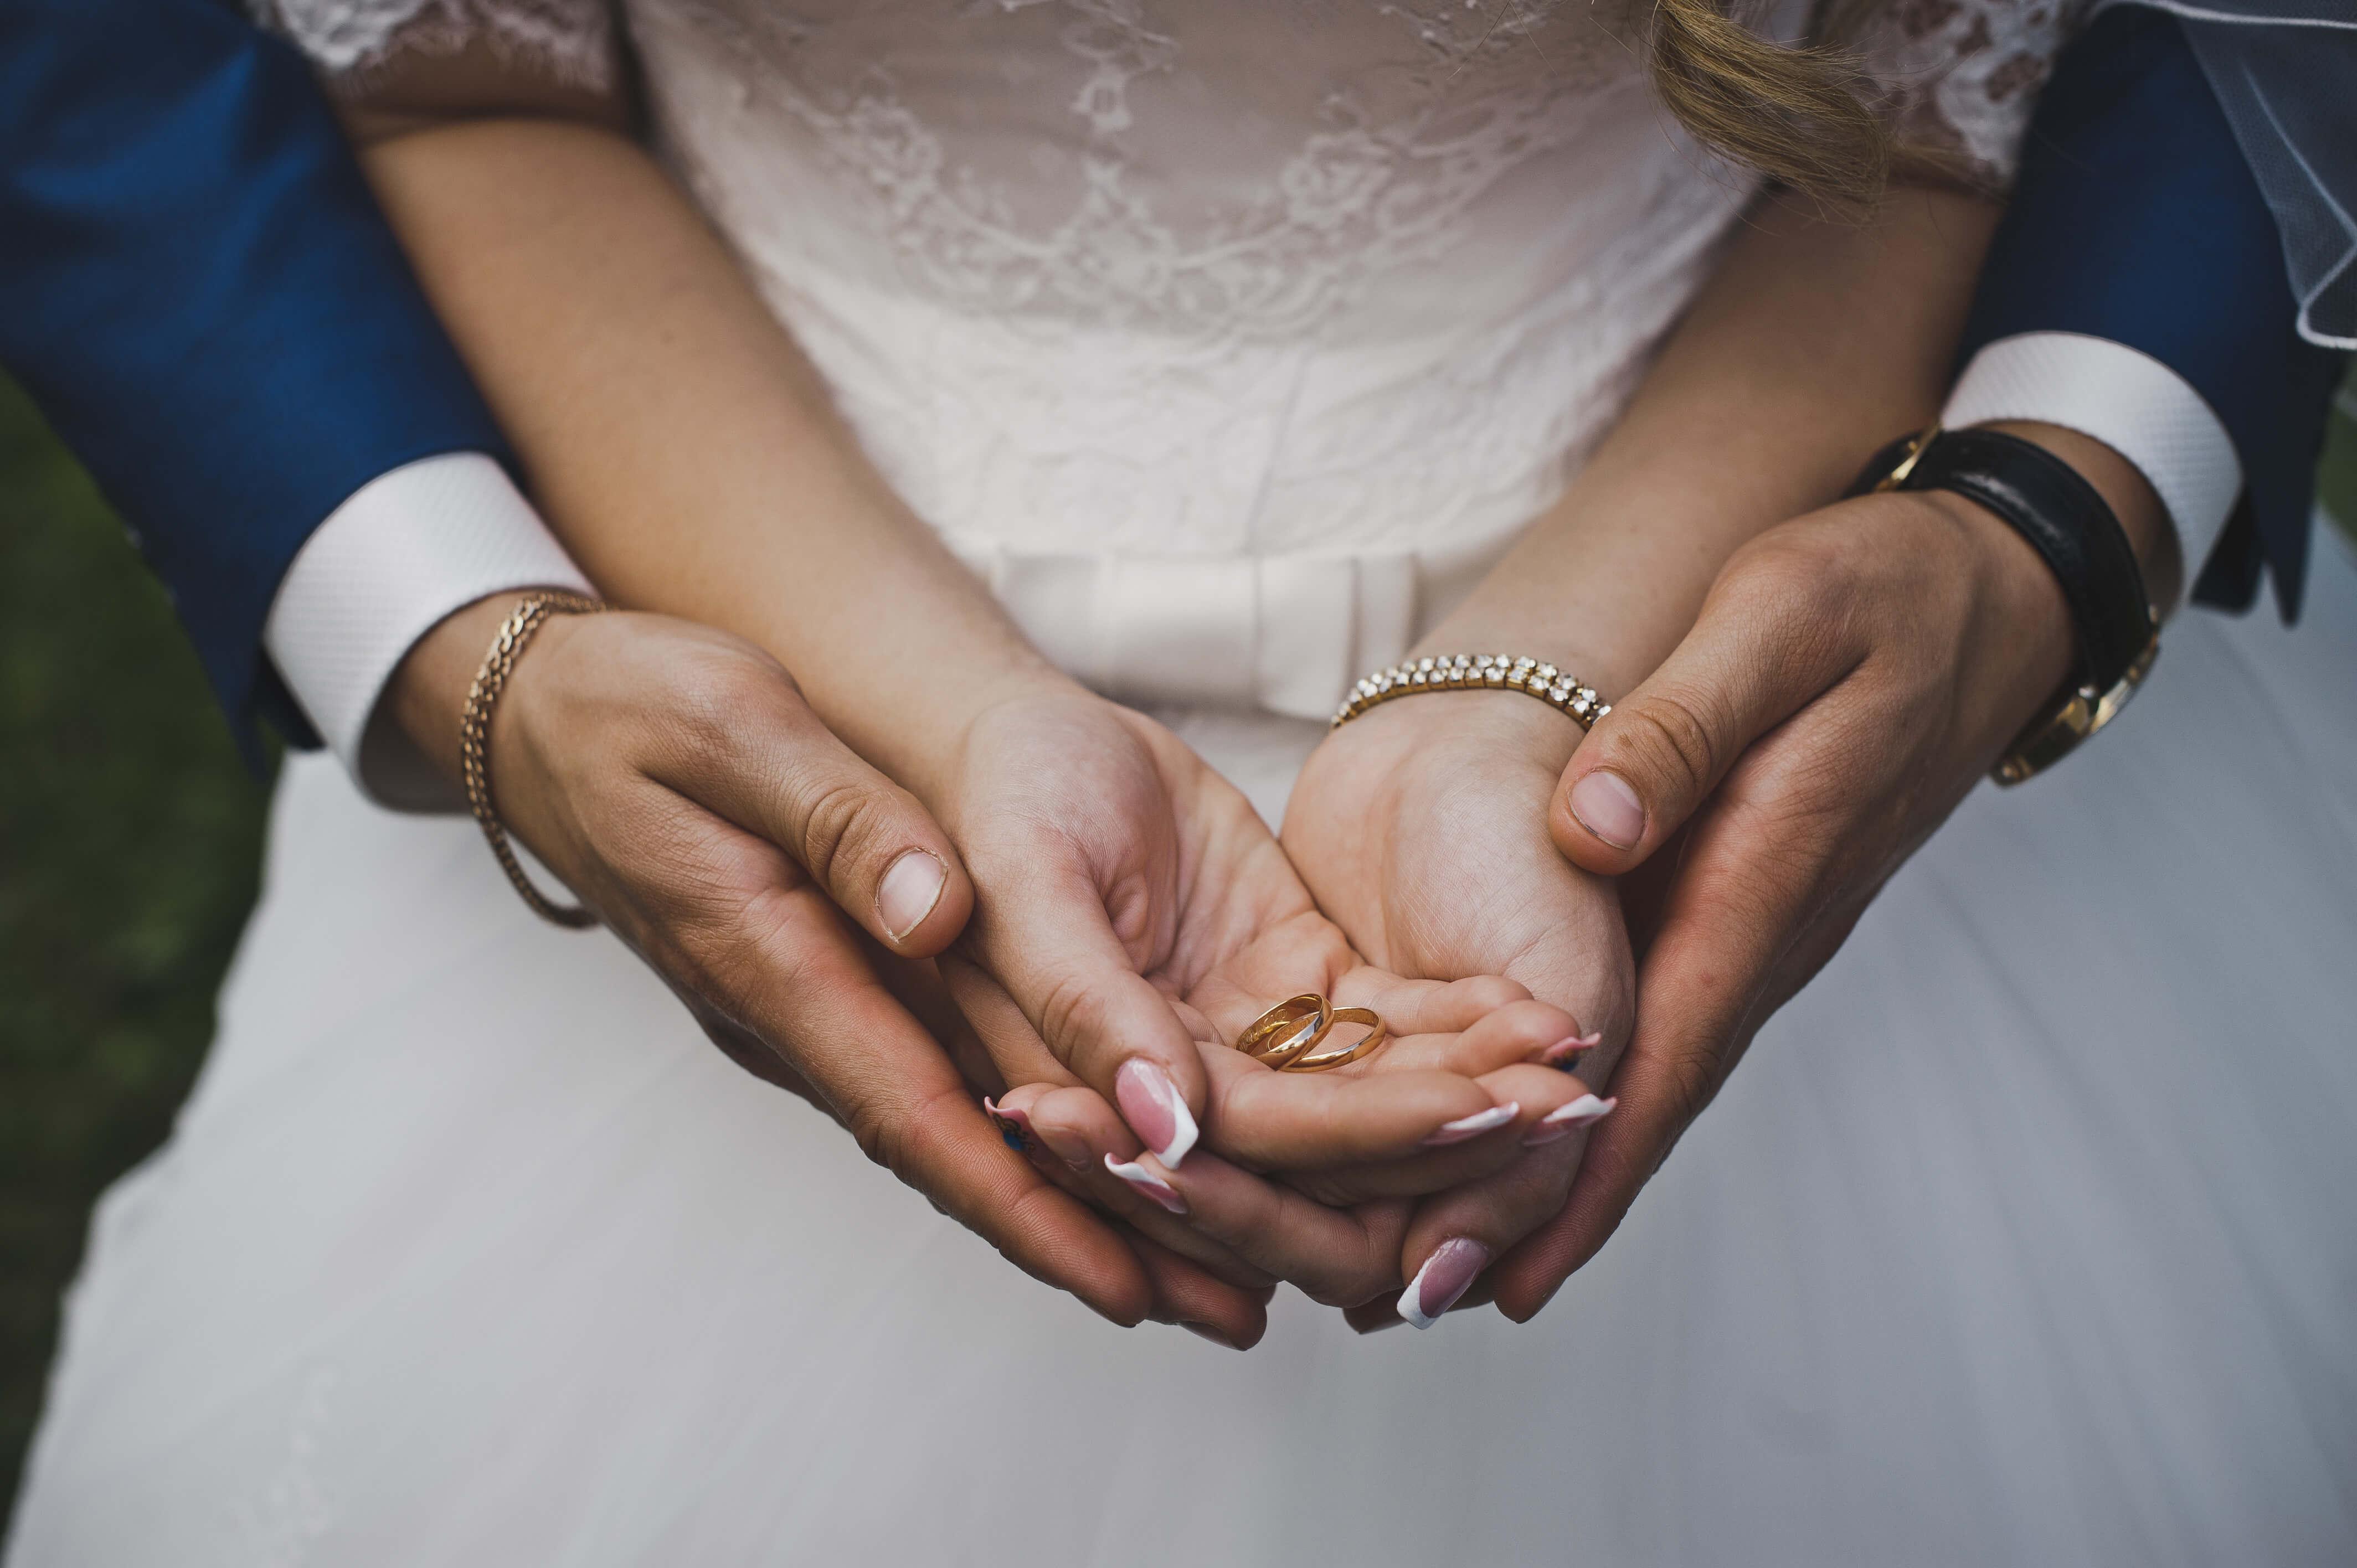 お見合い後、結婚が成立するまでの交際期間